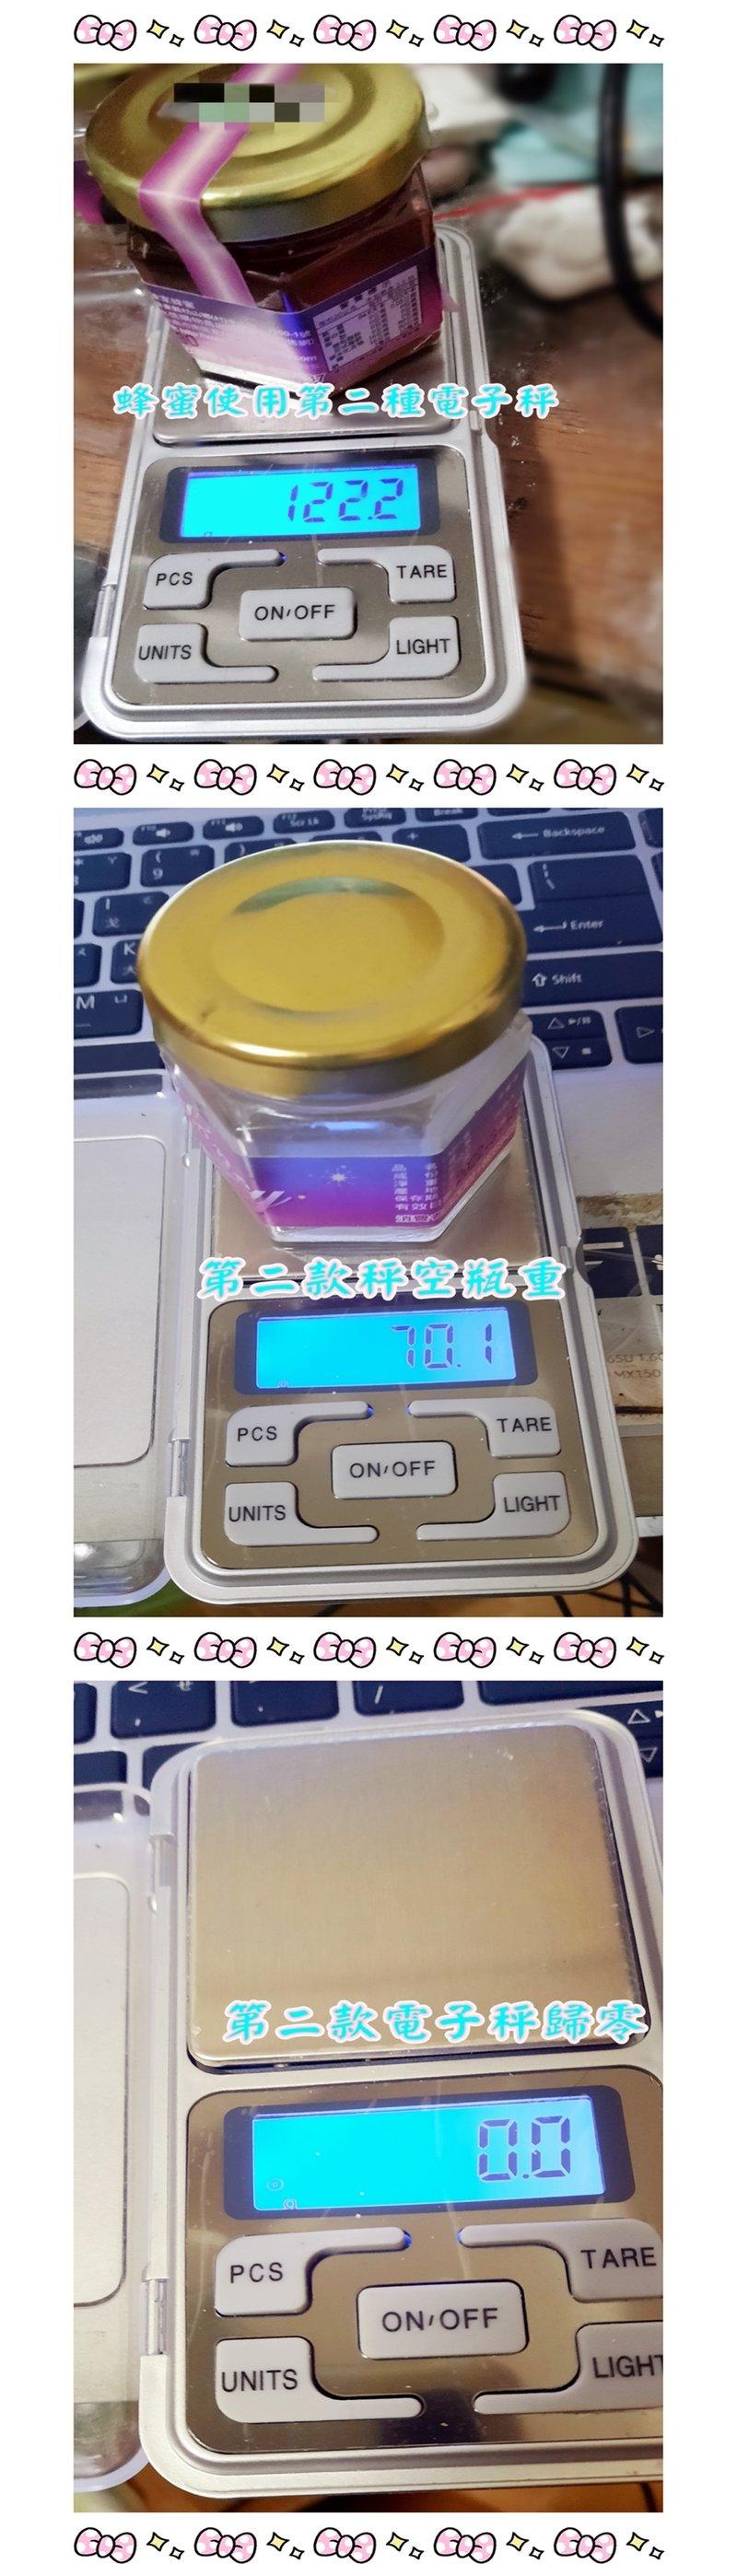 台灣確實得獎天然蜂蜜空瓶與實品的實拍照